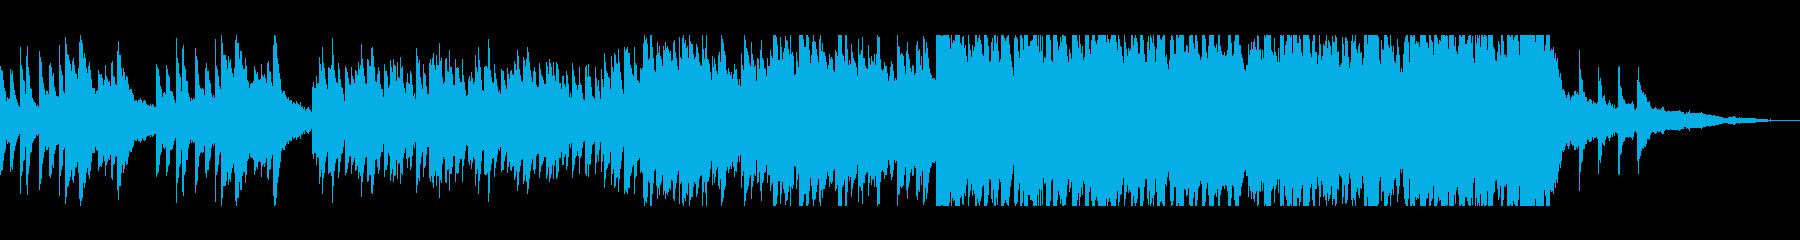 可憐で優雅なクラシカルピアノバラードの再生済みの波形